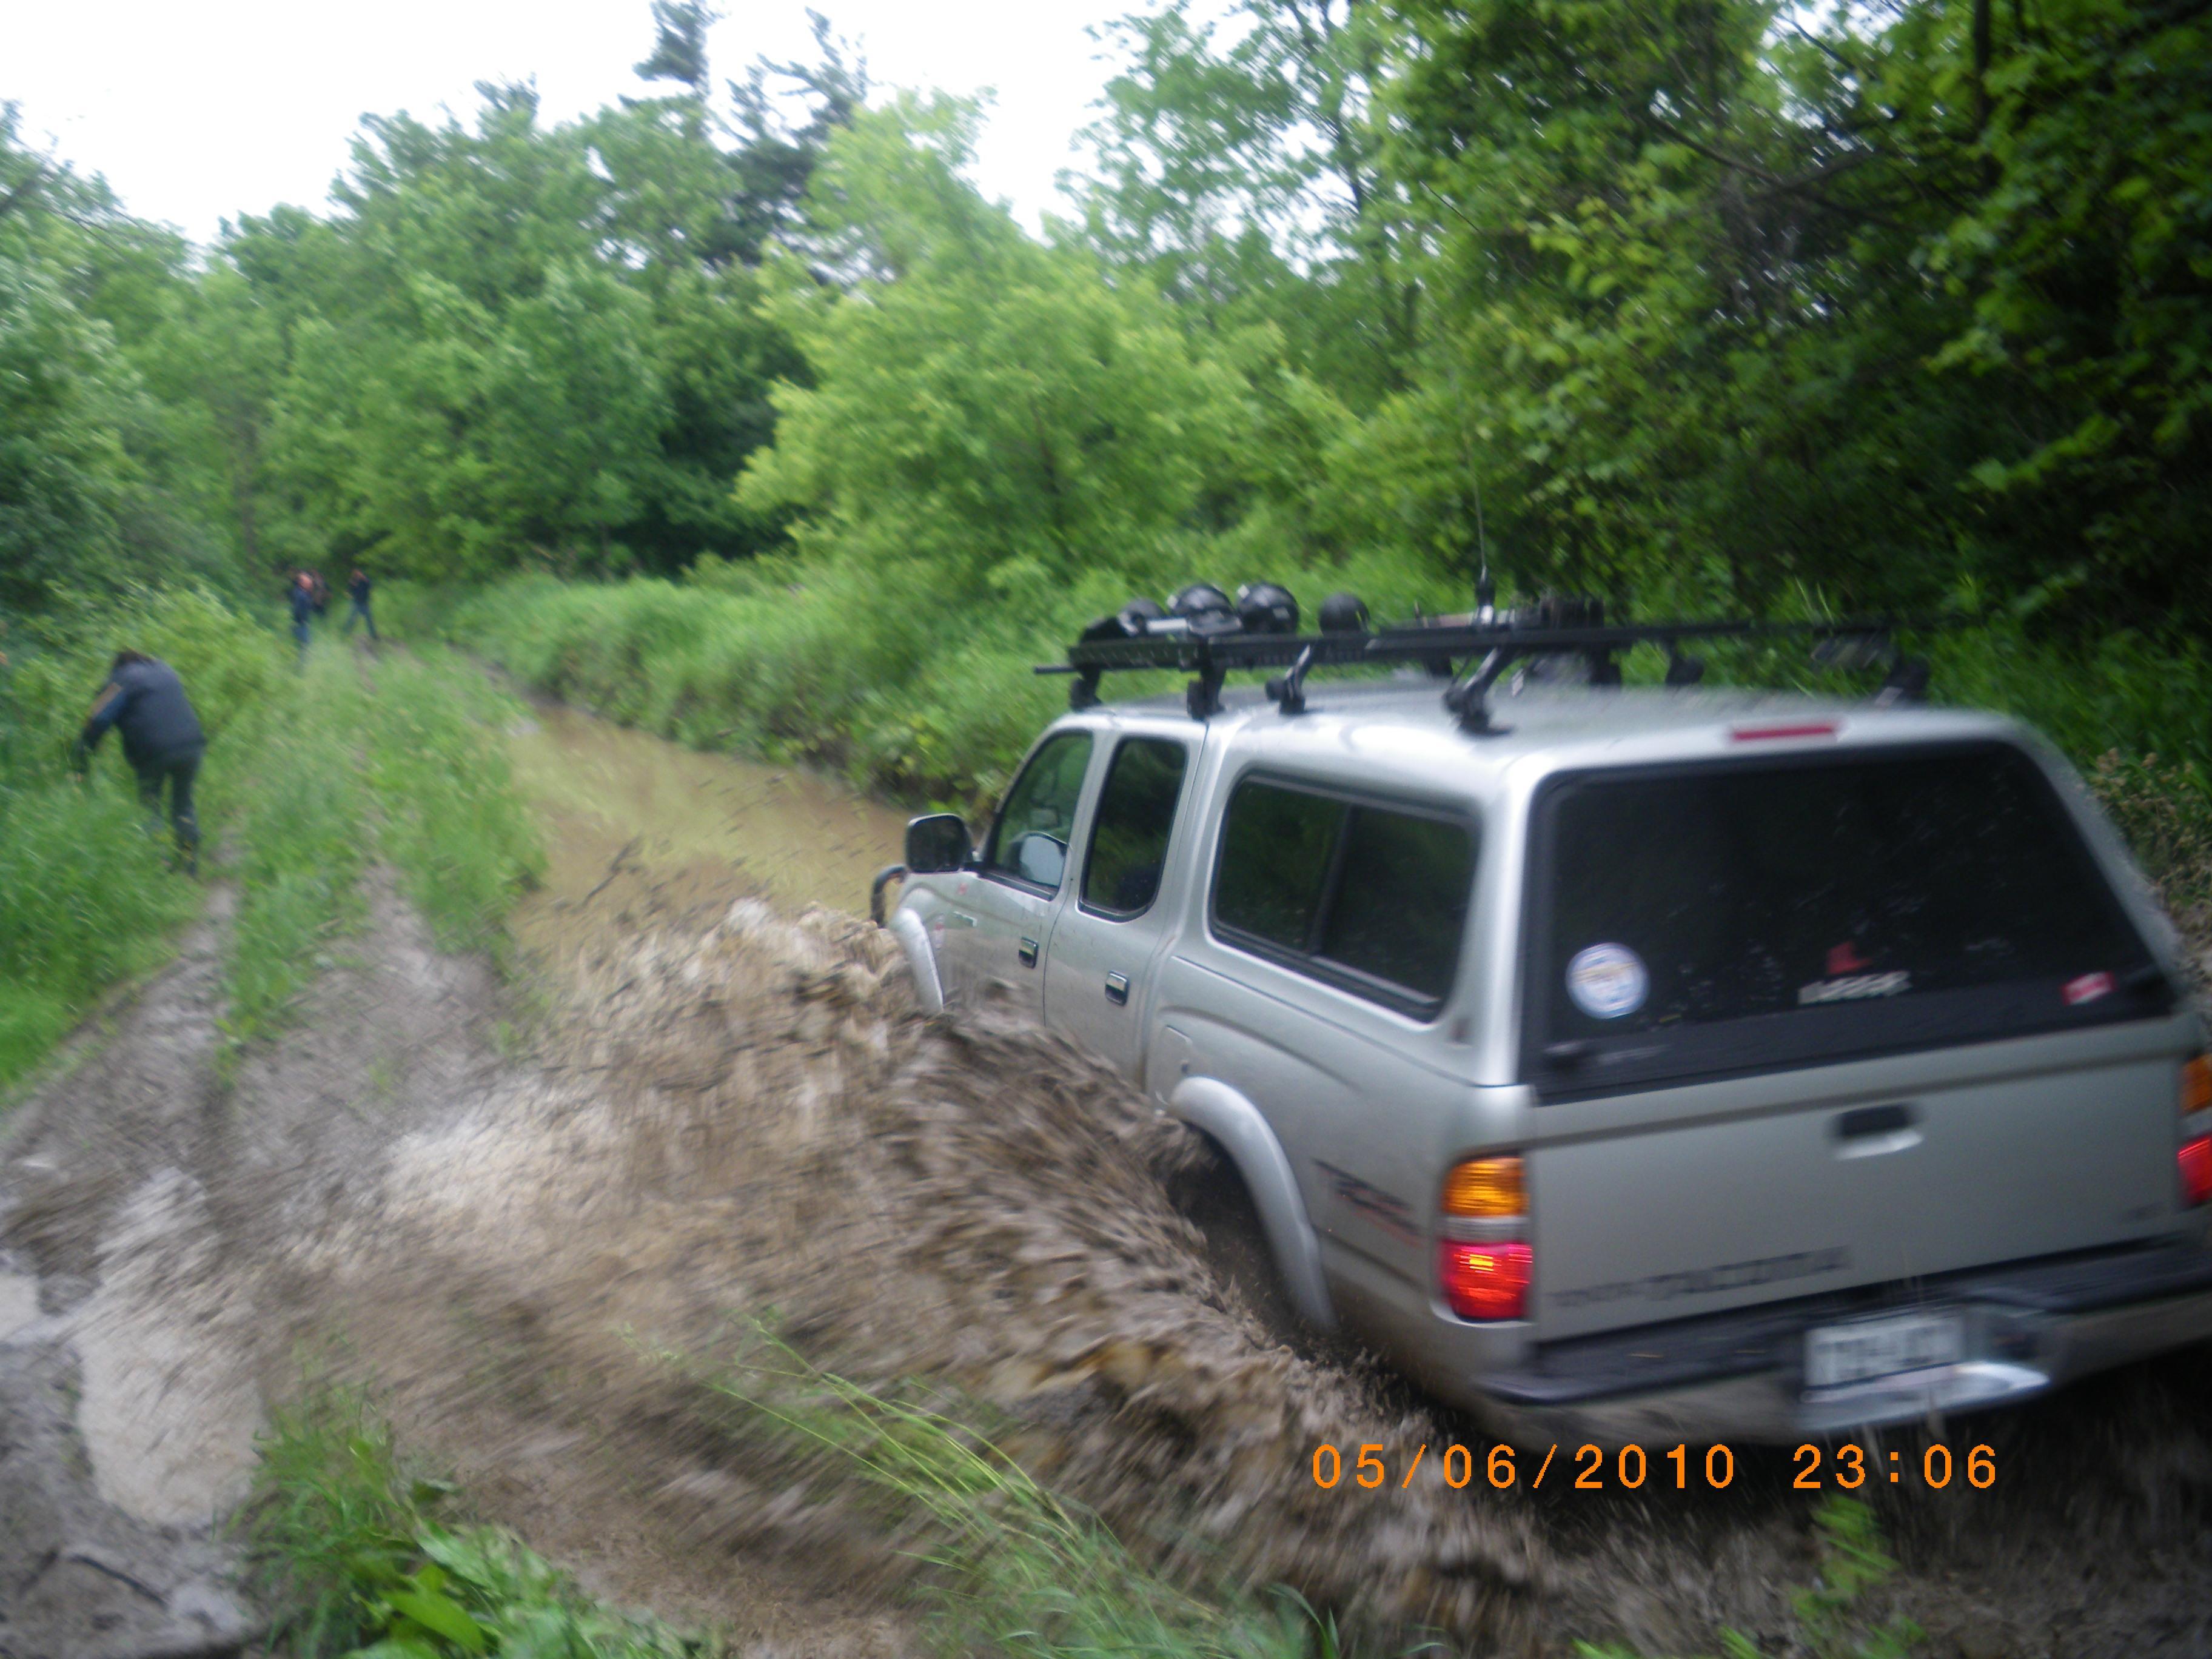 Ryan hitting the trench